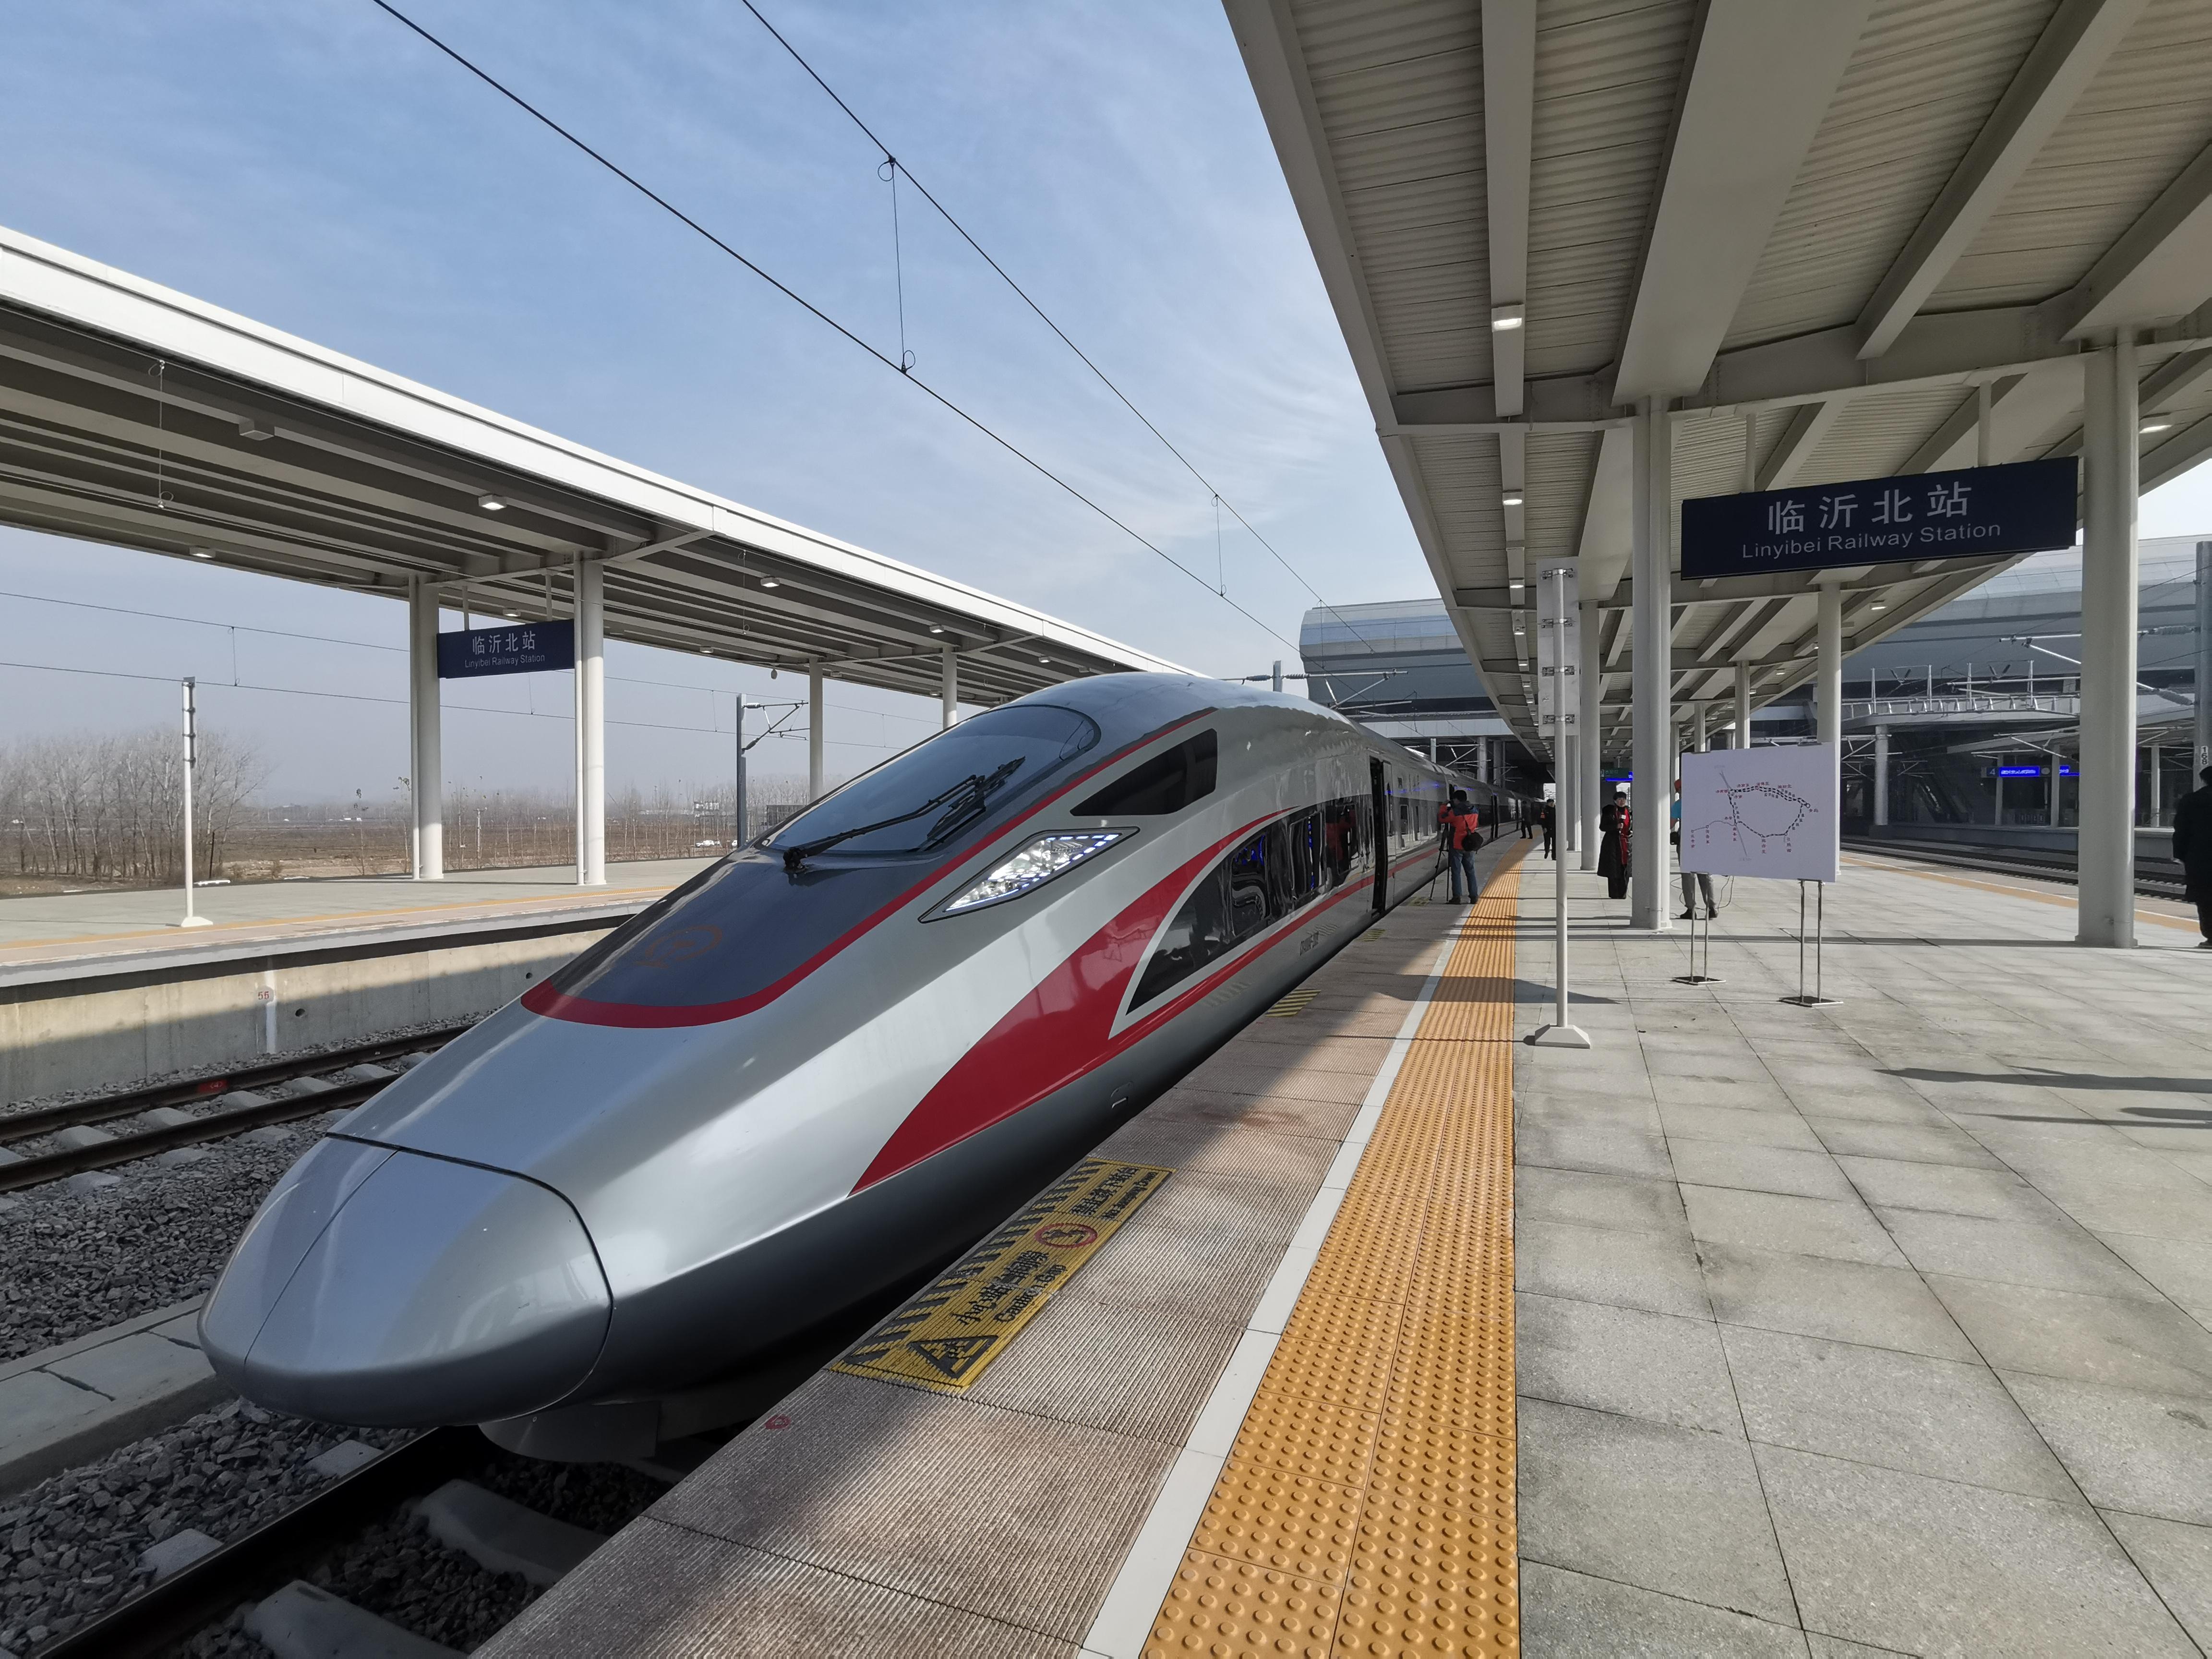 车票抢手提前买!鲁南高铁日曲段通车趟趟火爆 通车首日发送旅客七八千人